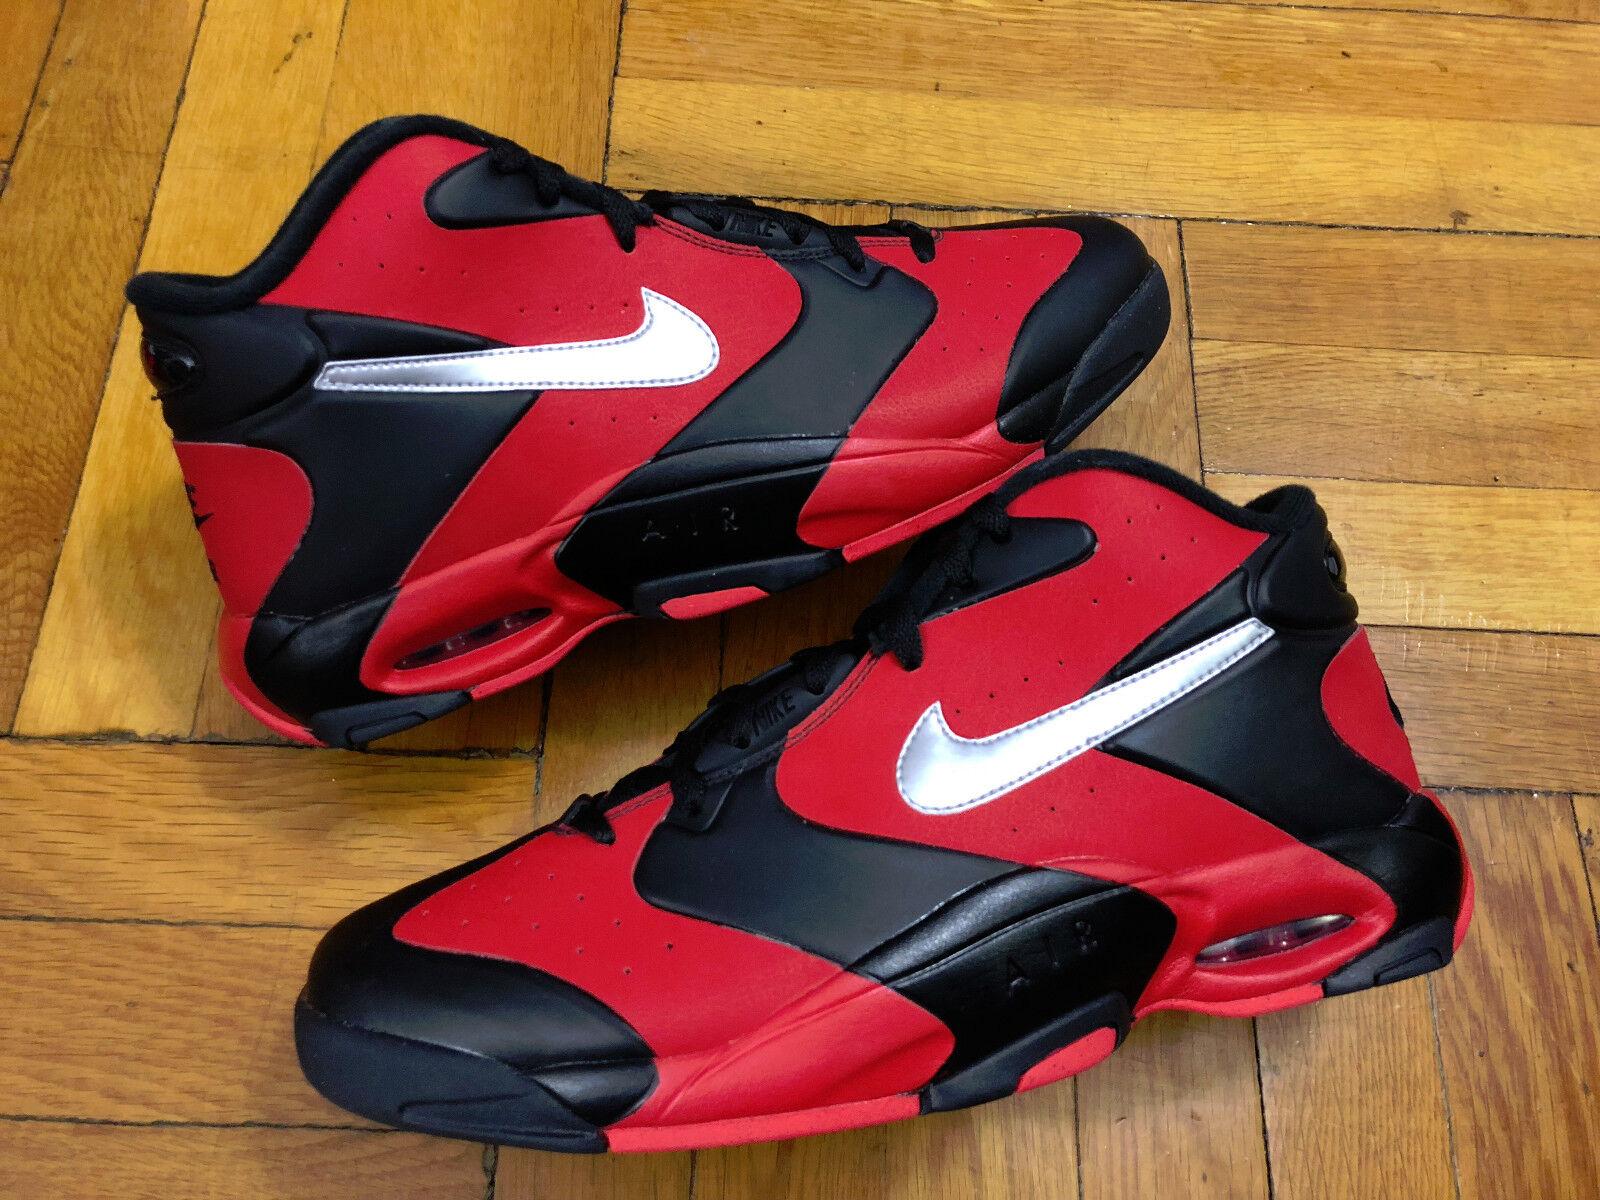 Wmns nike air [942855-007] zoom pegasus 35 [942855-007] air le scarpe da corsa nero / oro 701c92